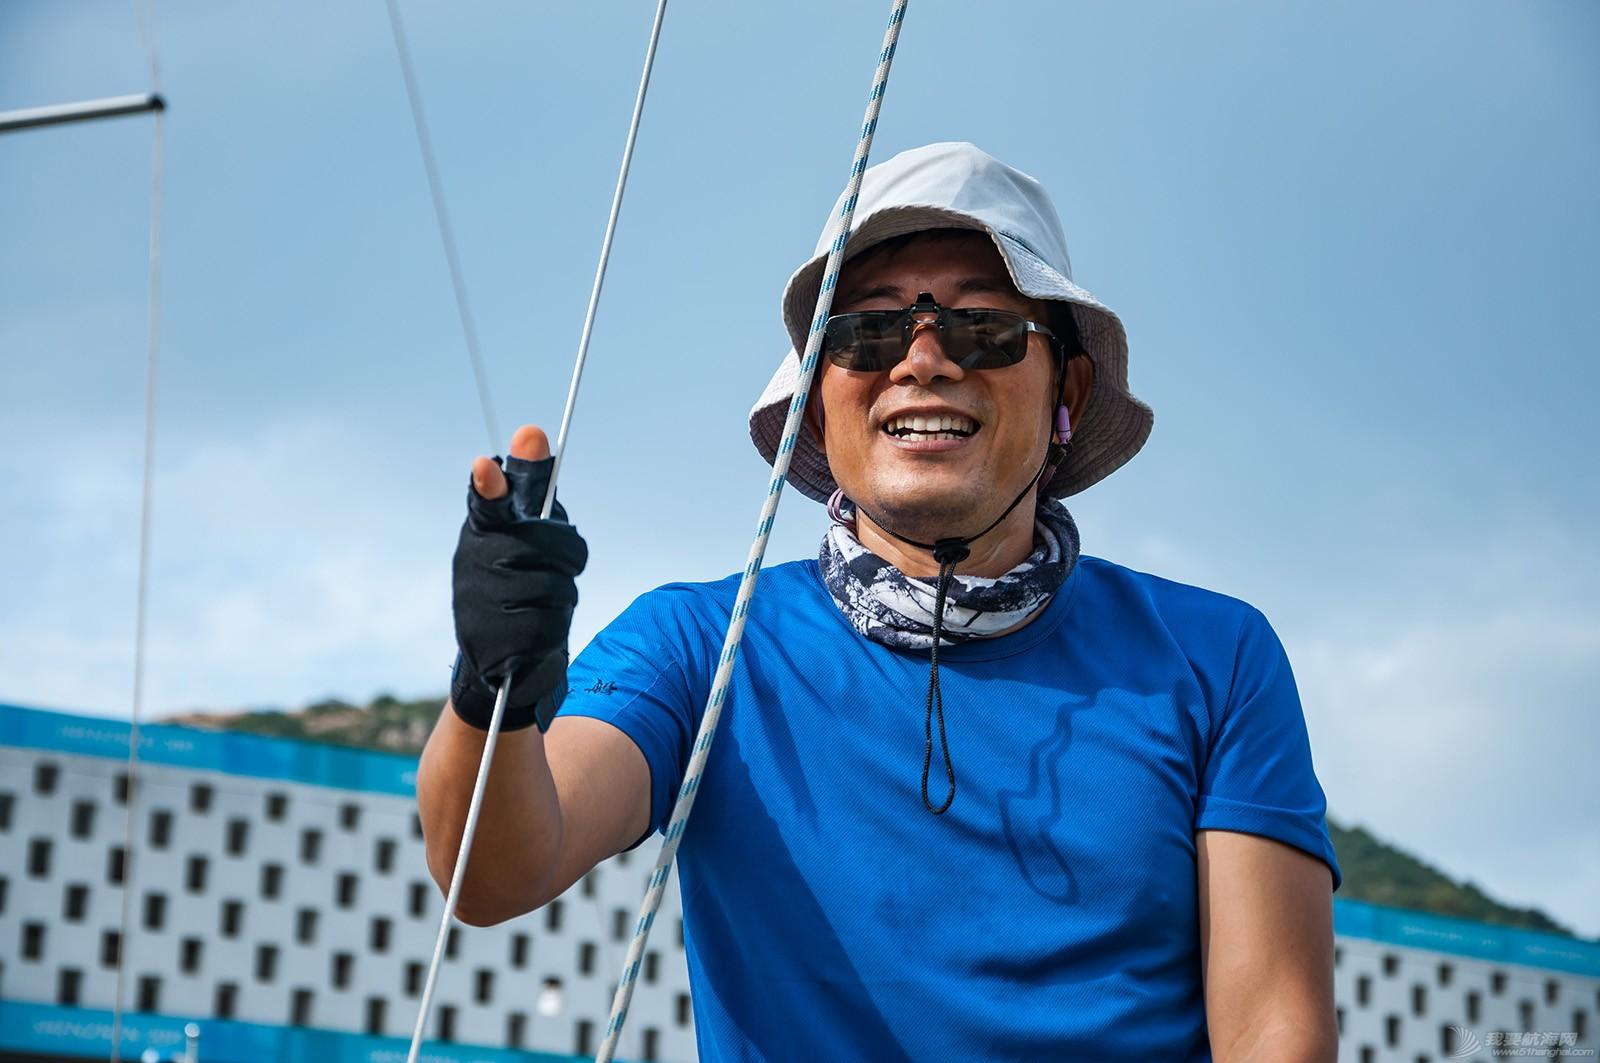 【2015大鹏杯帆船赛】51航海网船队整装待发 c9.jpg